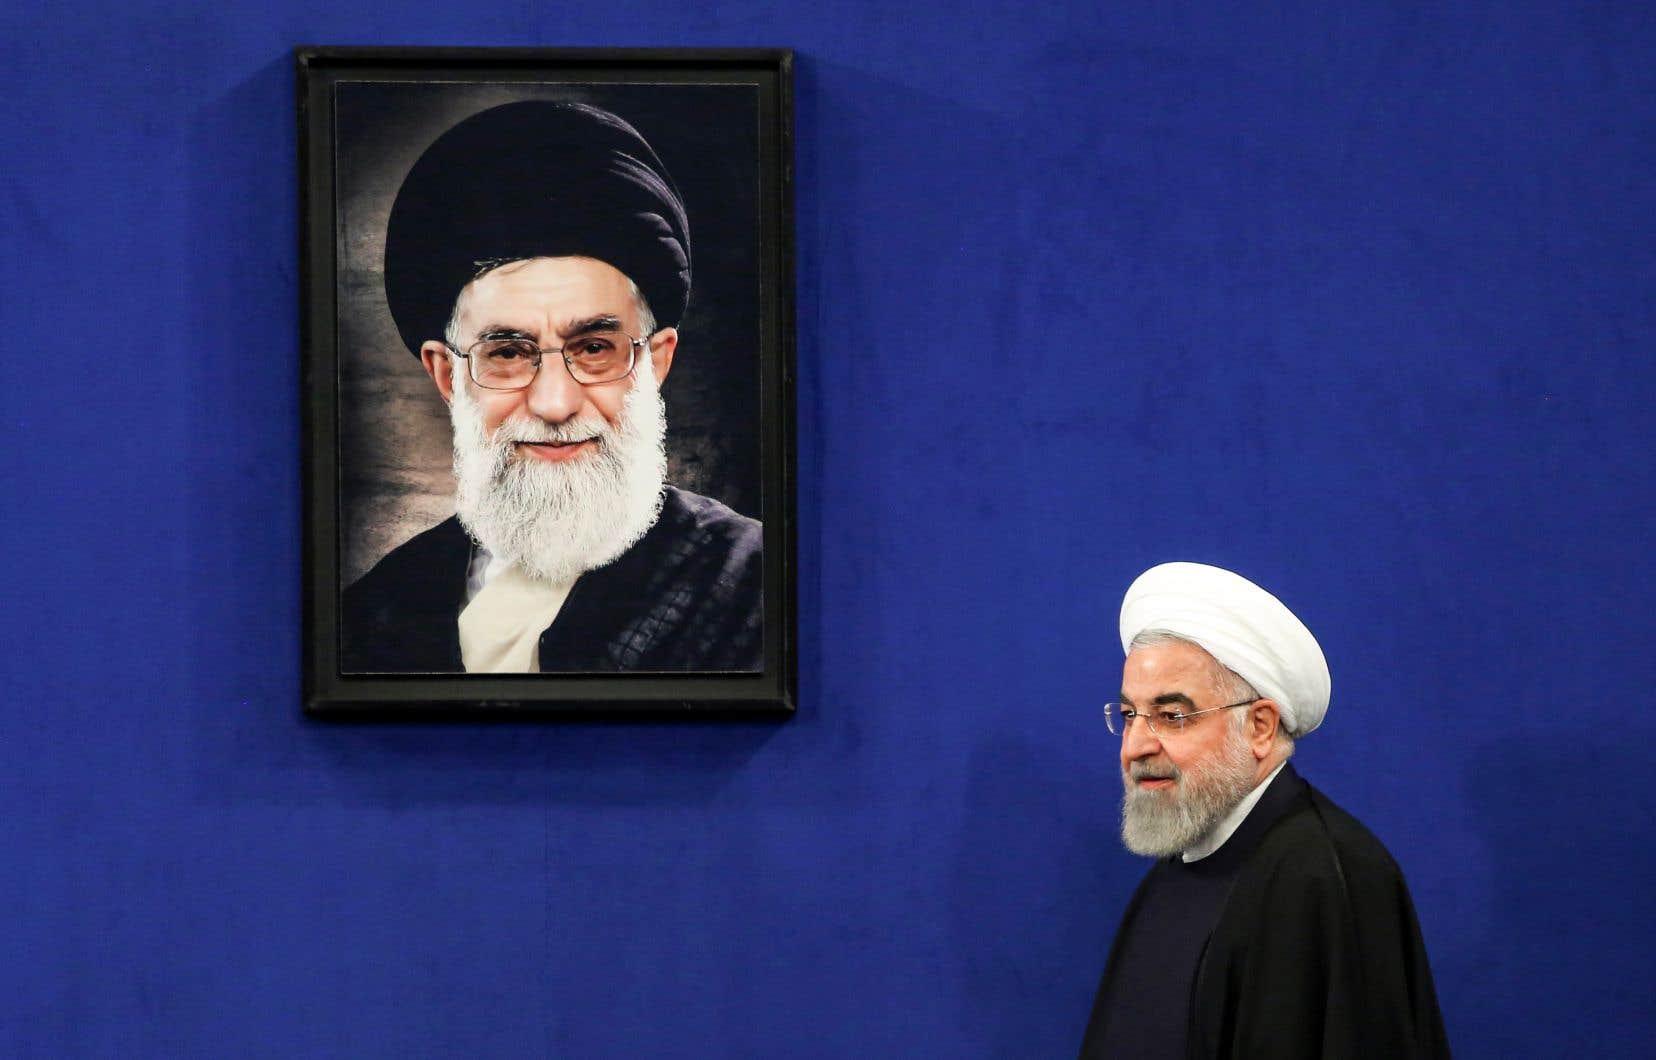 Tous les Iraniens, âgés de 18ans et plus, titulaires d'une carte d'identité en cours de validité, sont appelés à voter.